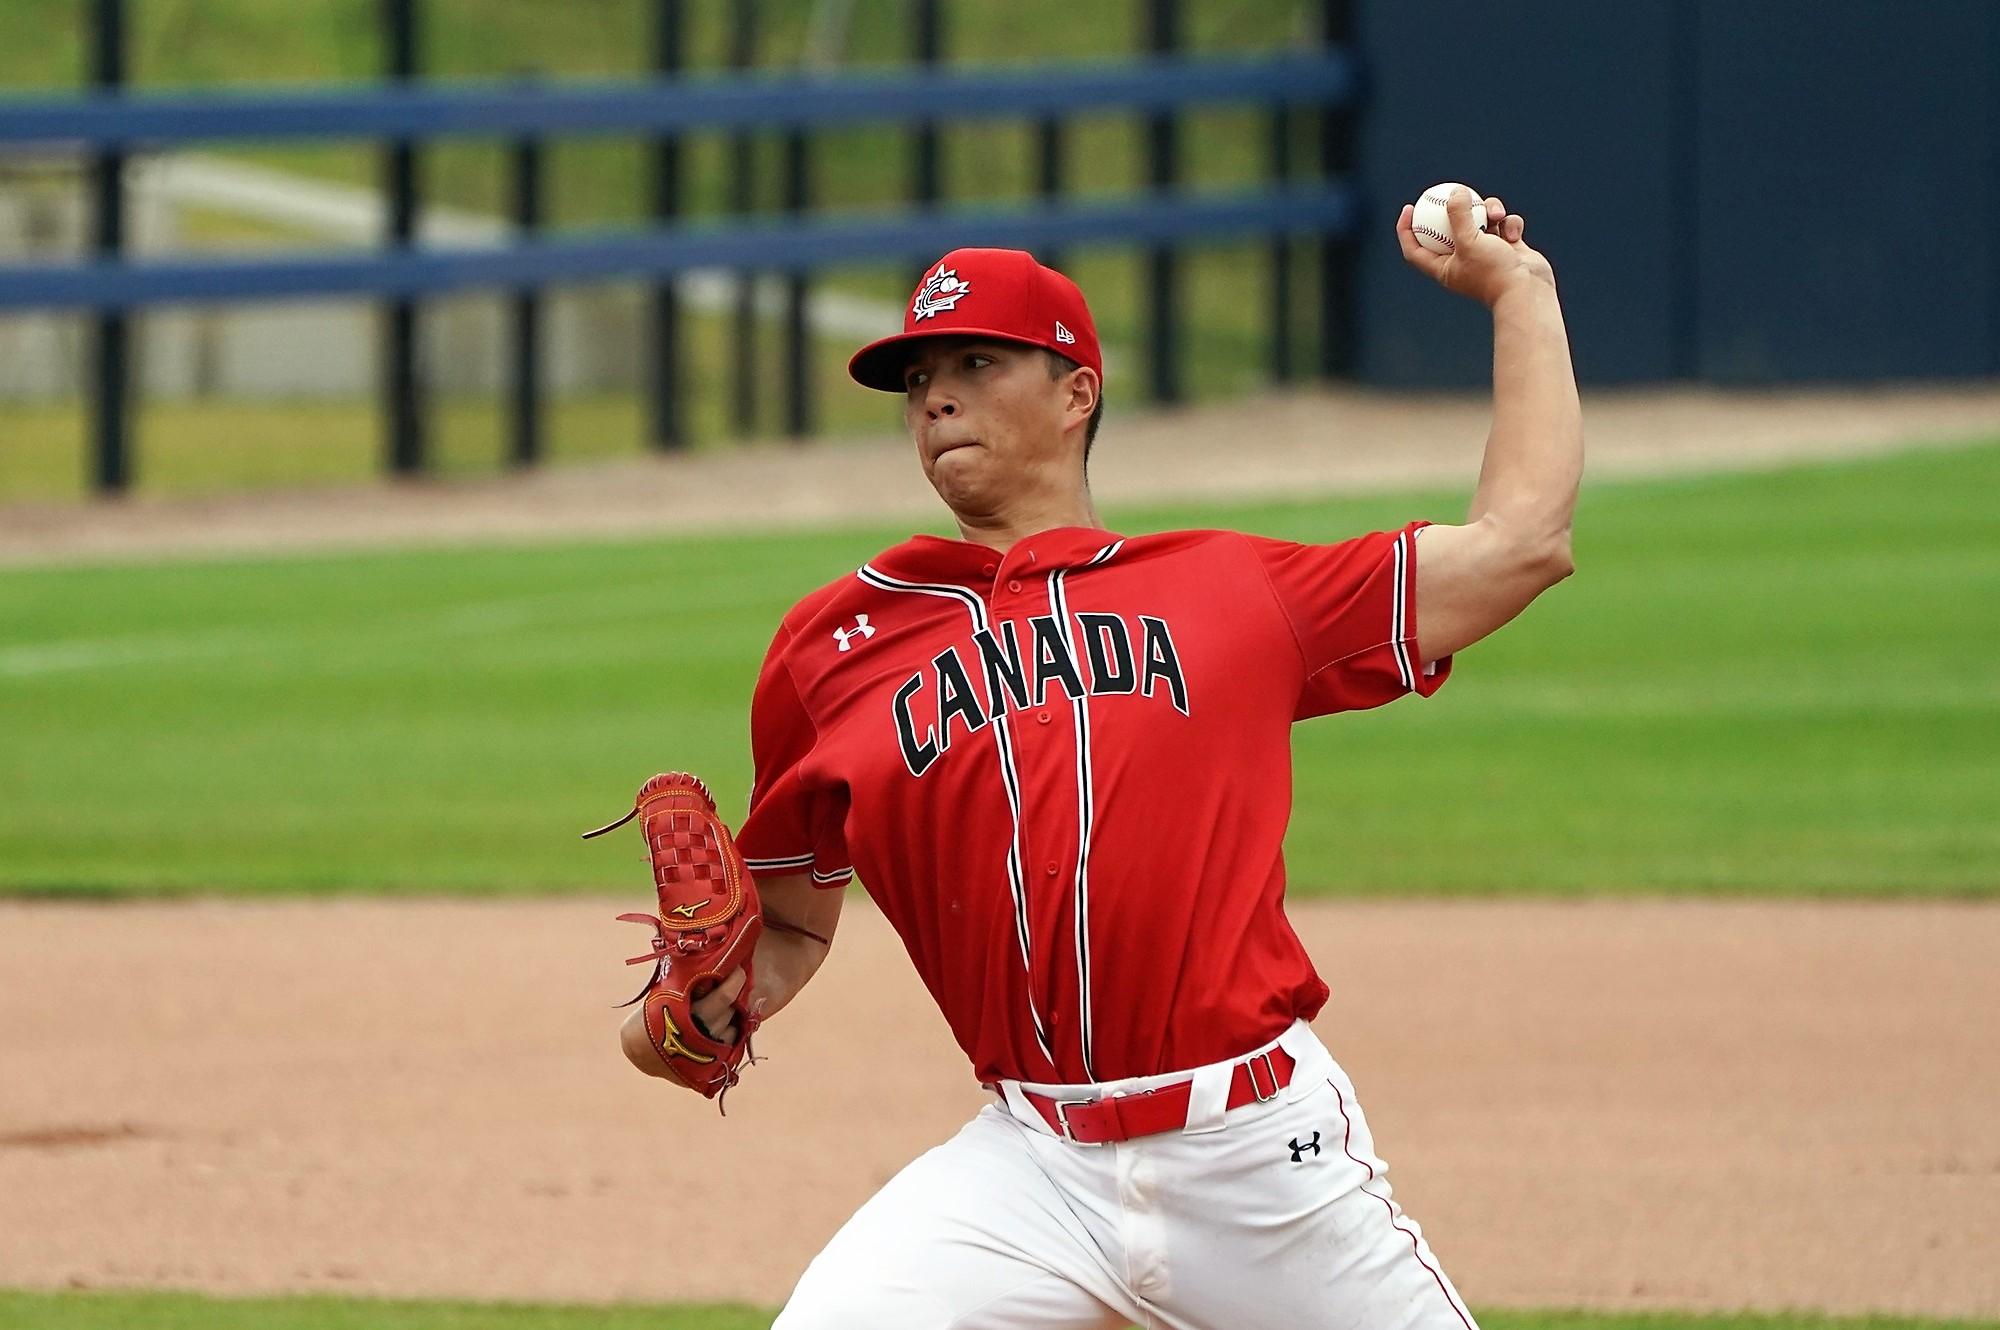 Canada's starter Justin Thorsteinson